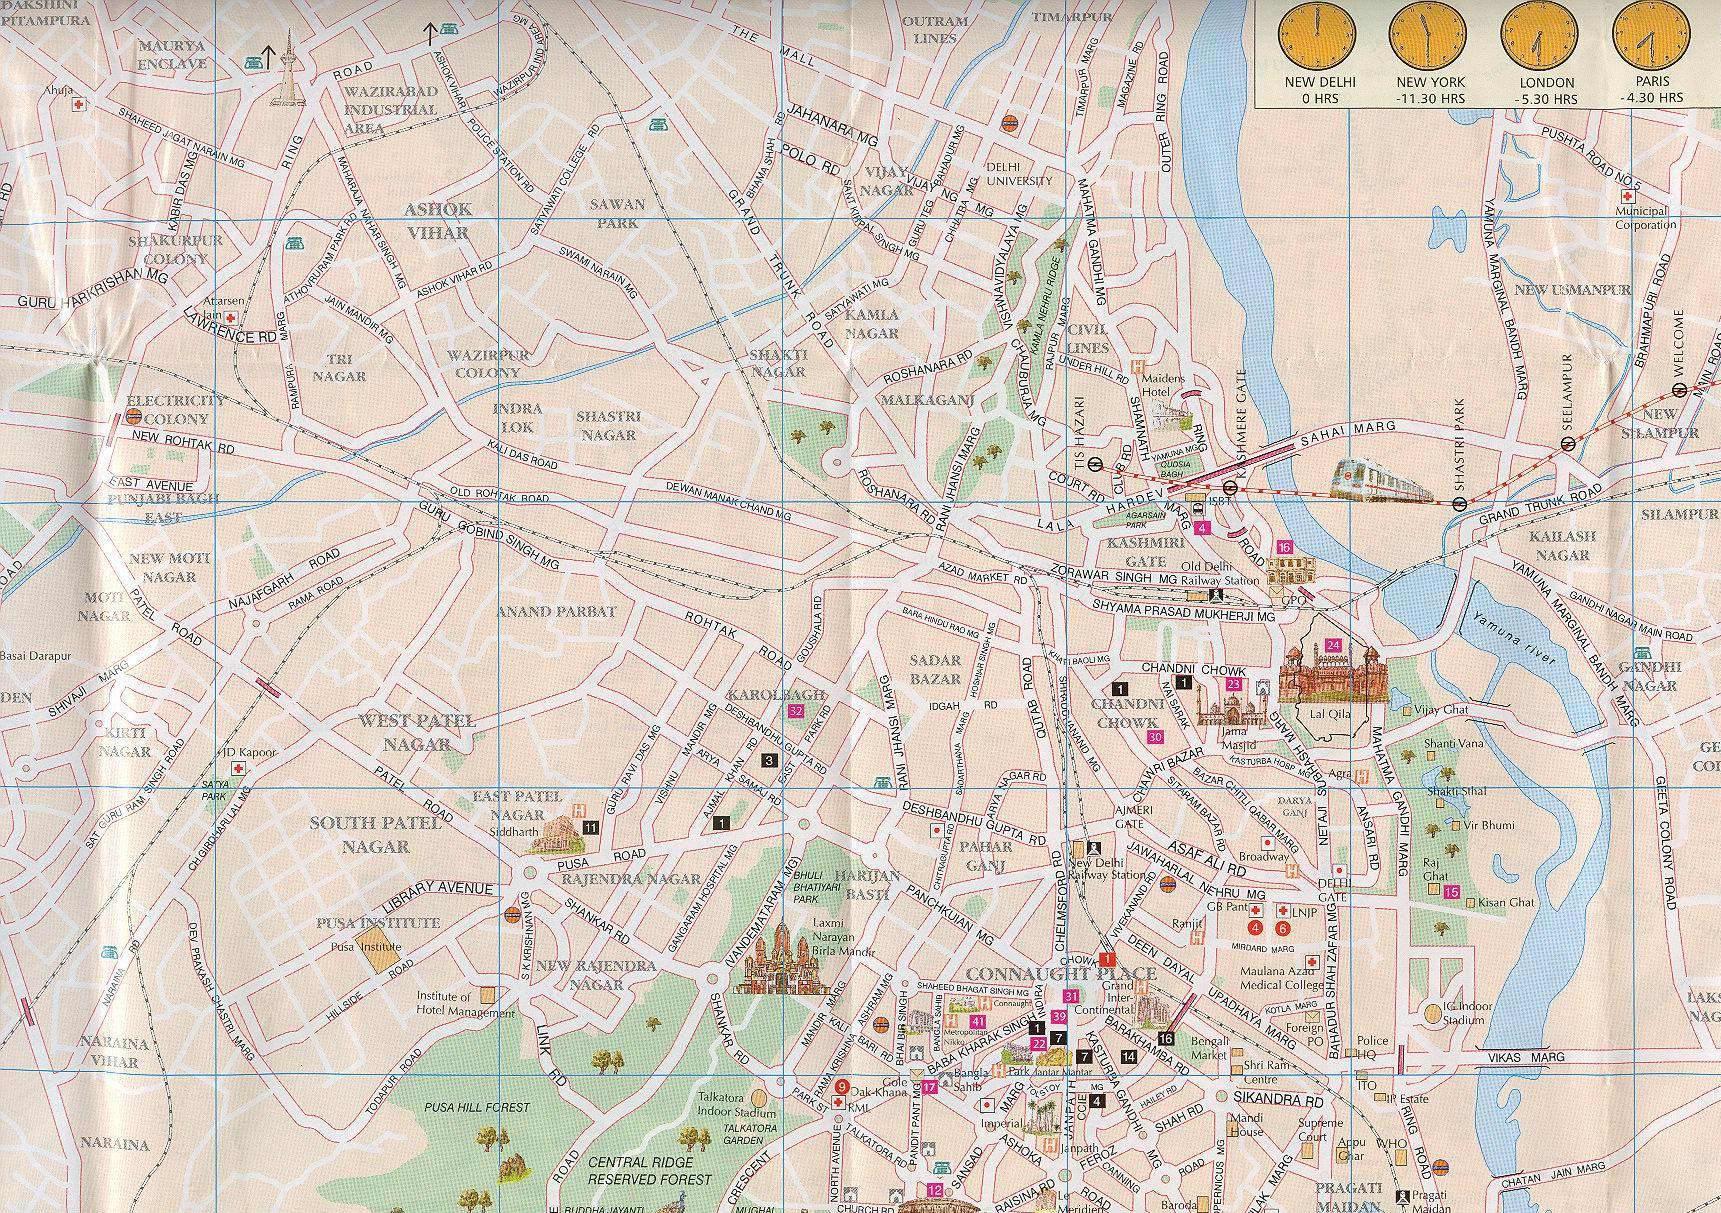 mapDelhi1.jpg (697159 bytes)